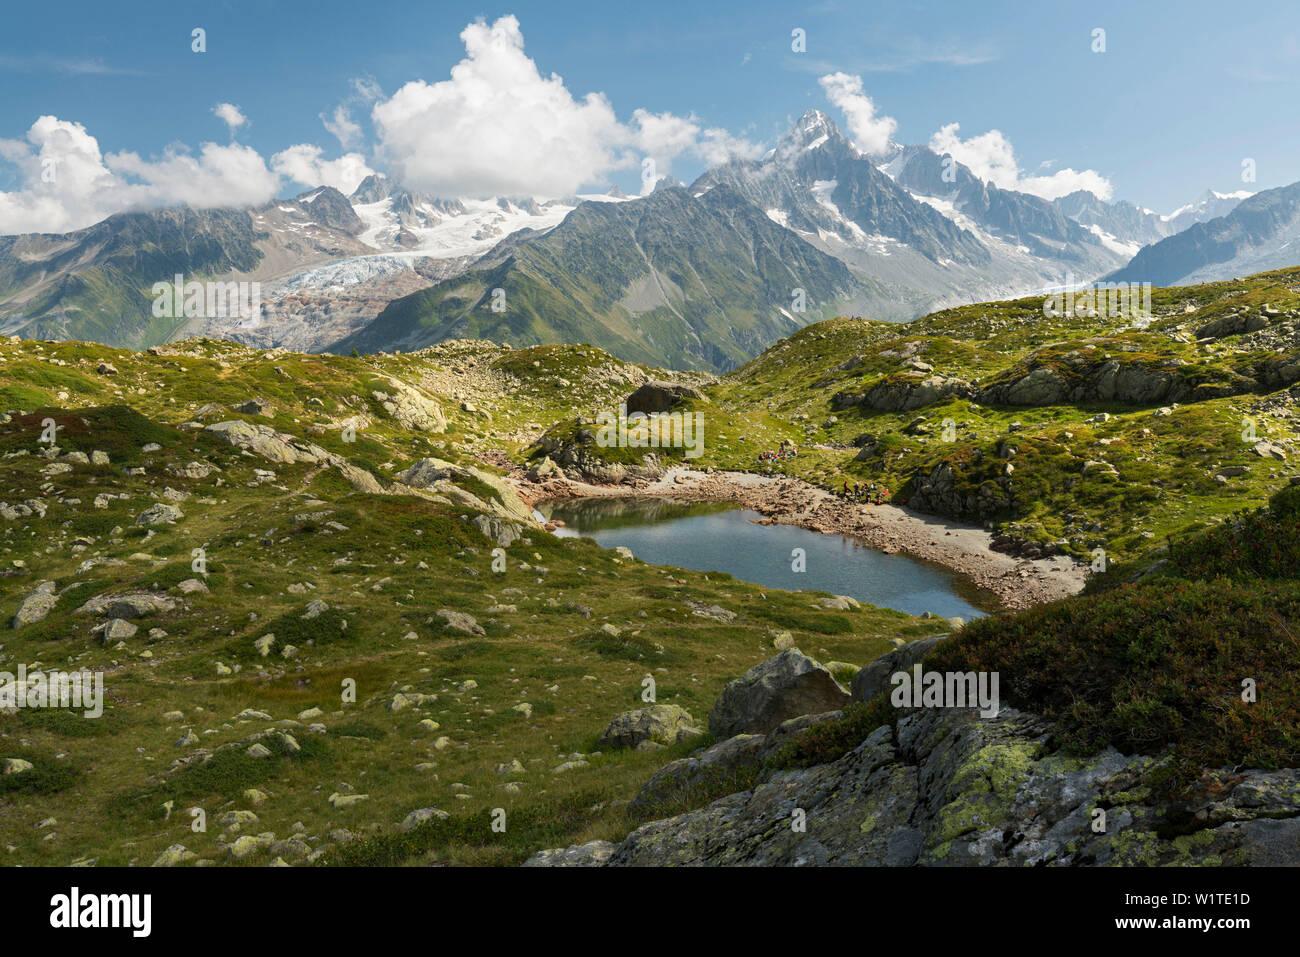 Lacs des Cheserys, Aiguille du Chardonnet, Haute-Savoie, France - Stock Image